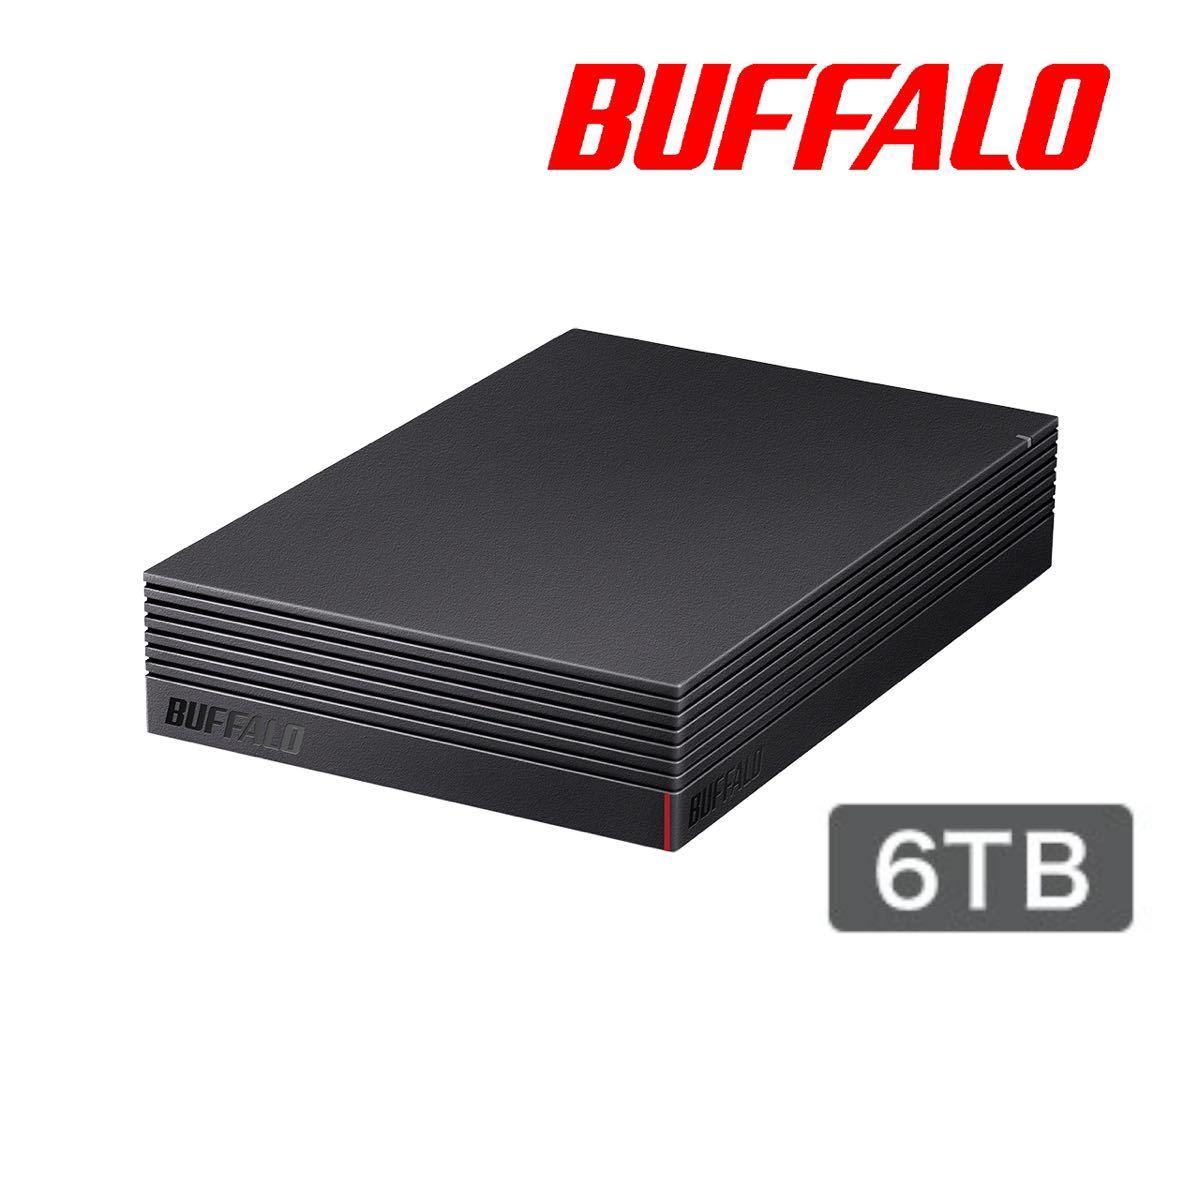 ★美品★ BUFFALO 6TB 外付けHDD ★テレビ&レコーダー録画/PC(Win/macOS)/PS5対応 縦&横置き対応